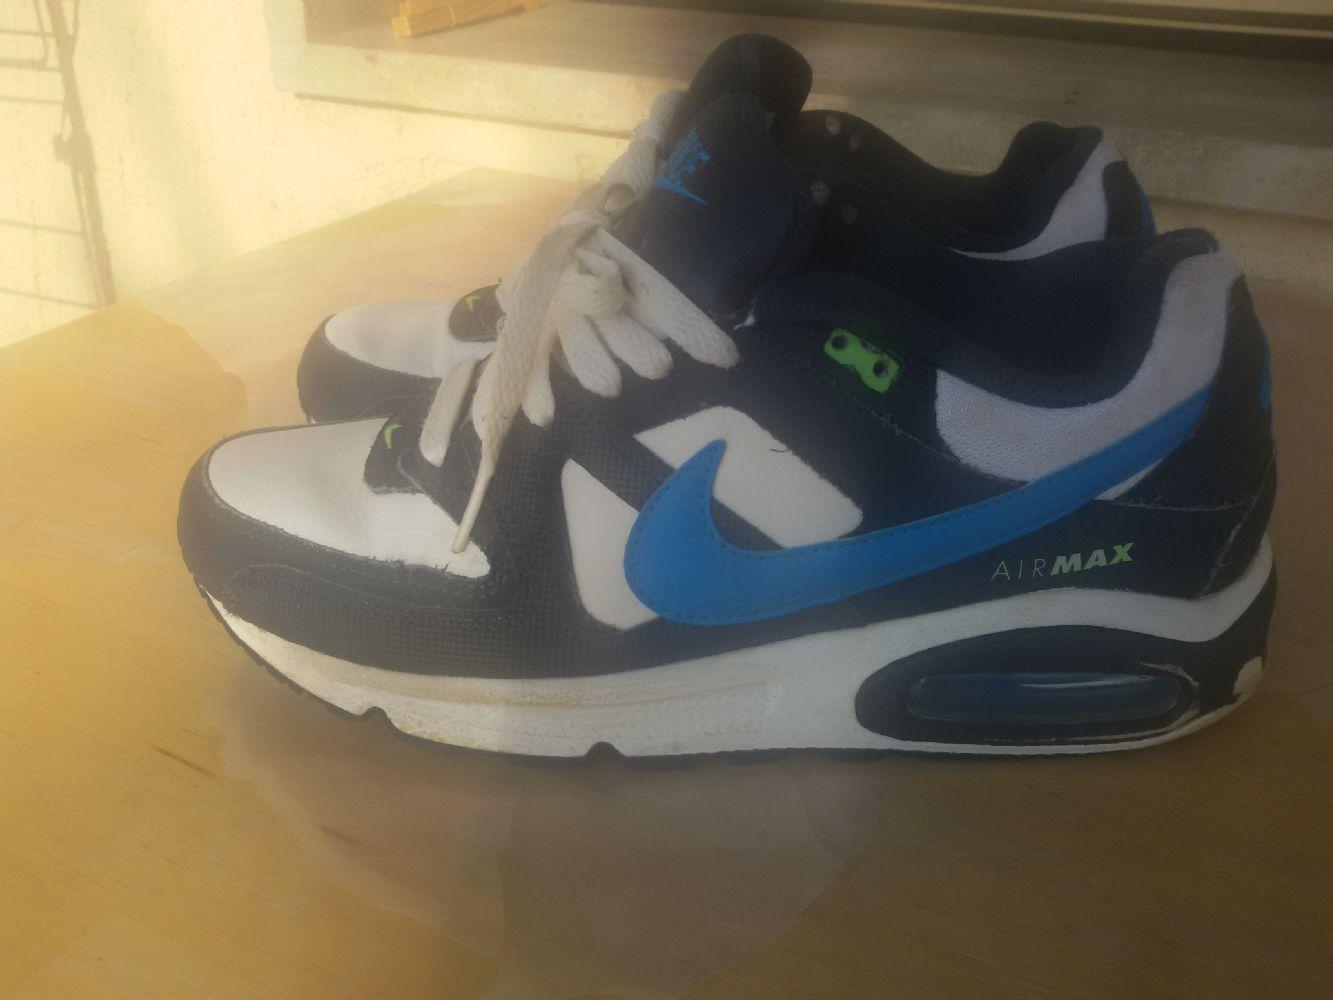 BarattoScambio: Nike Air max n. 37 38,5 [ Abbigliamento